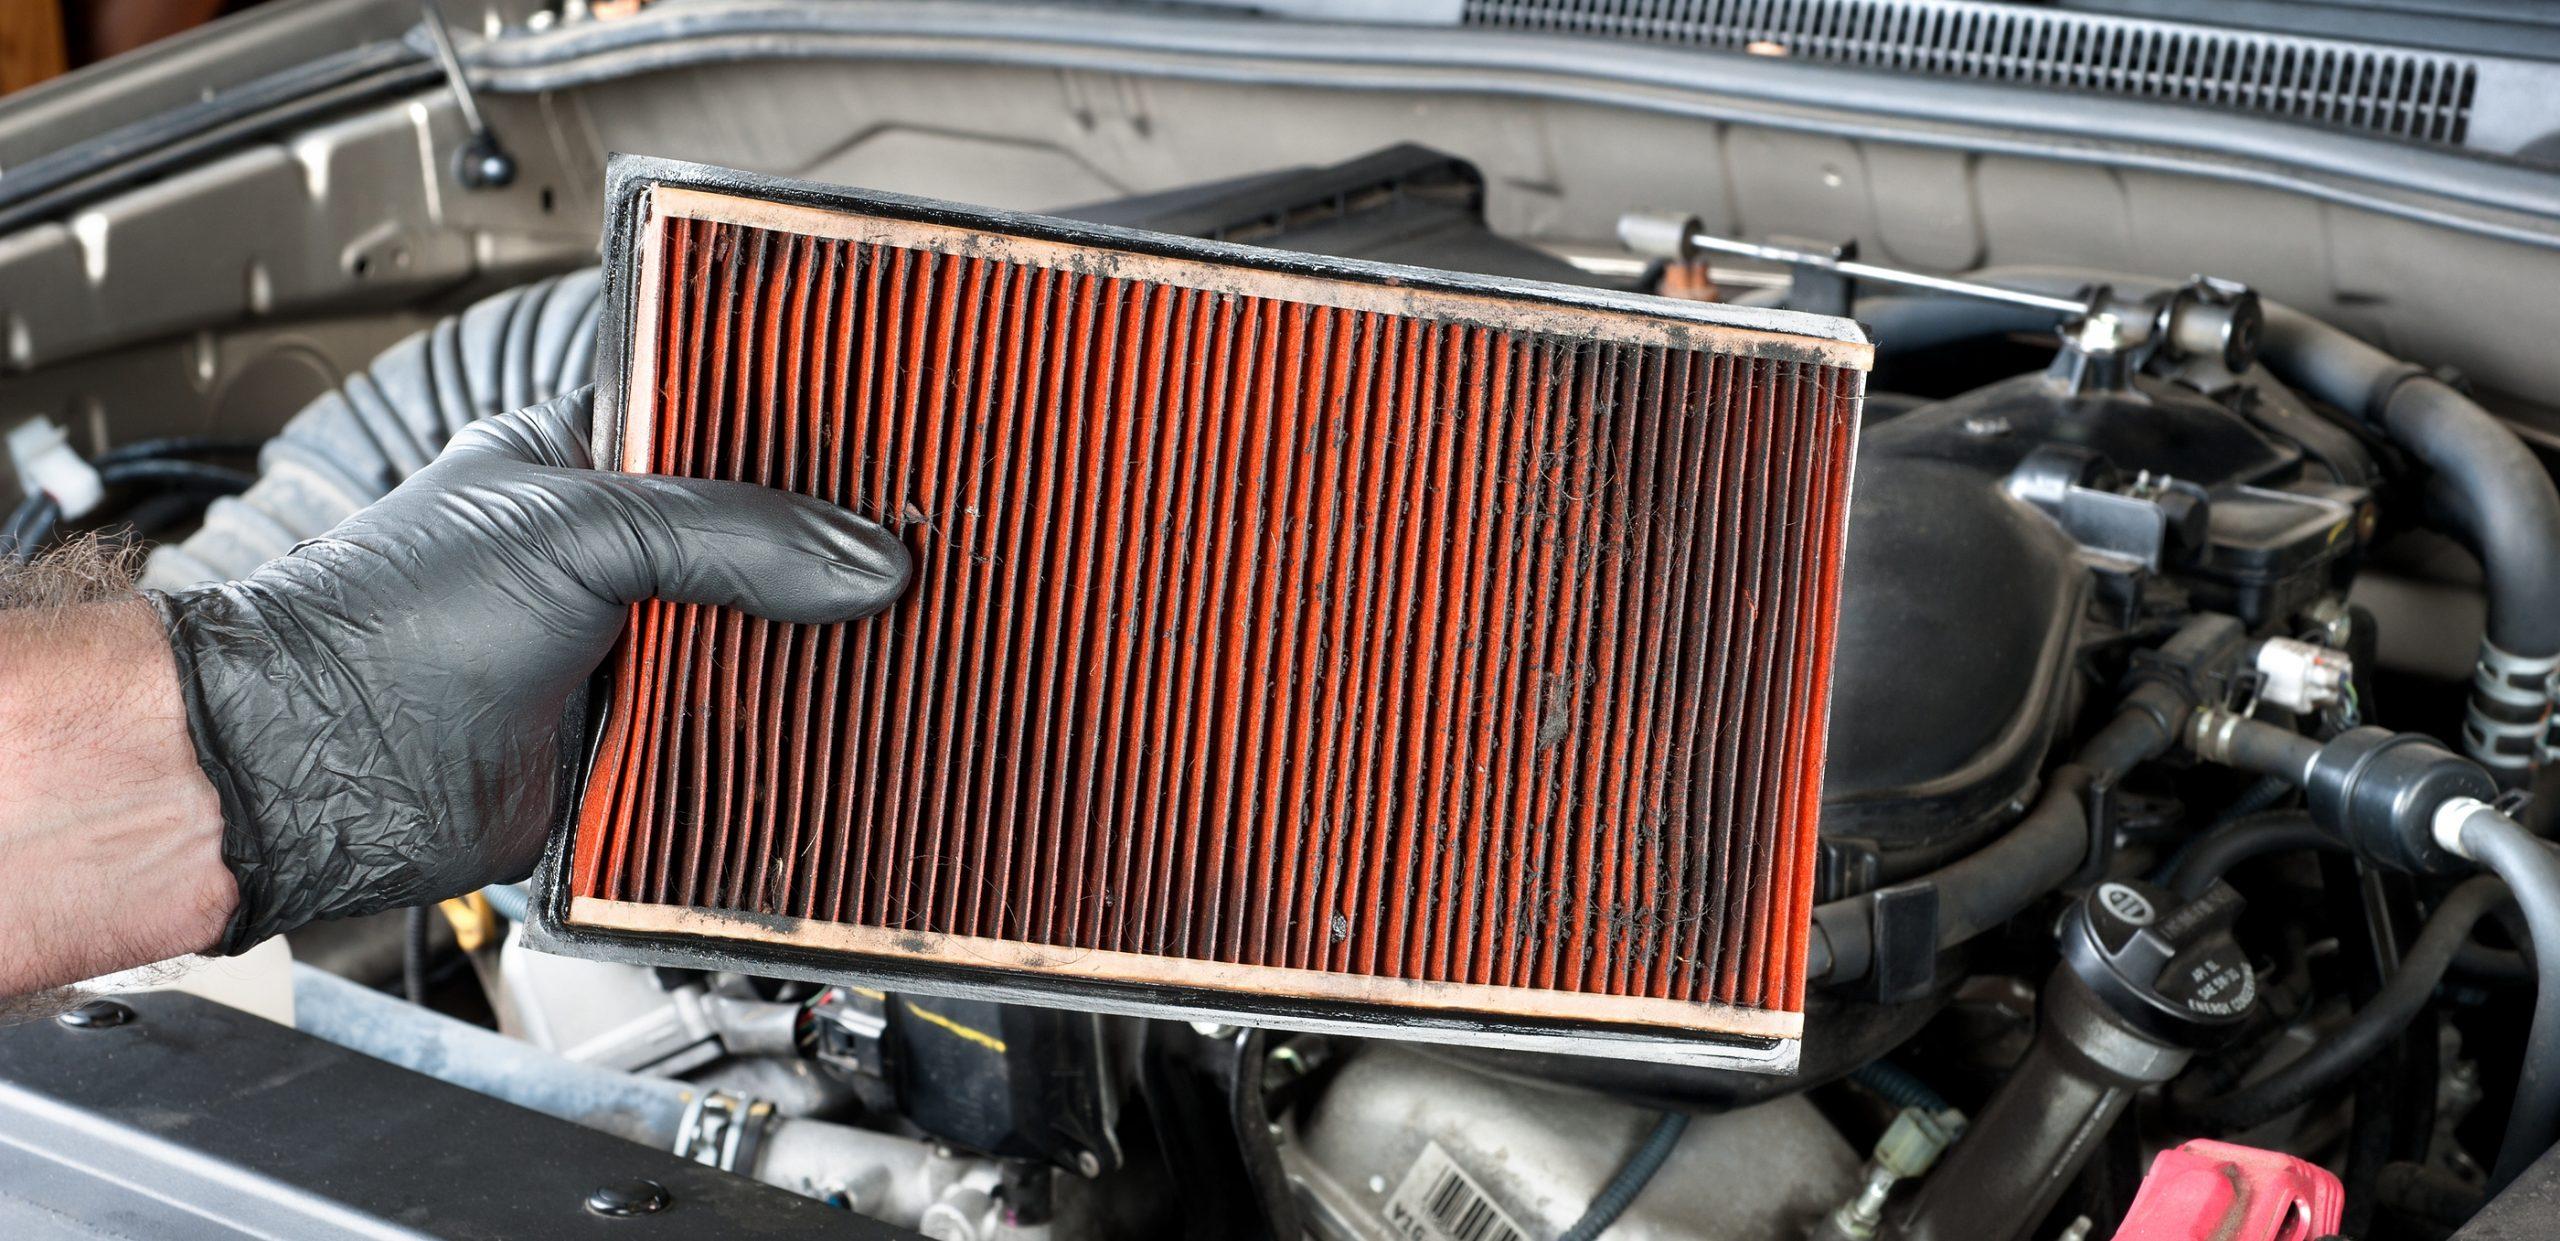 Засоренный воздушный фильтр